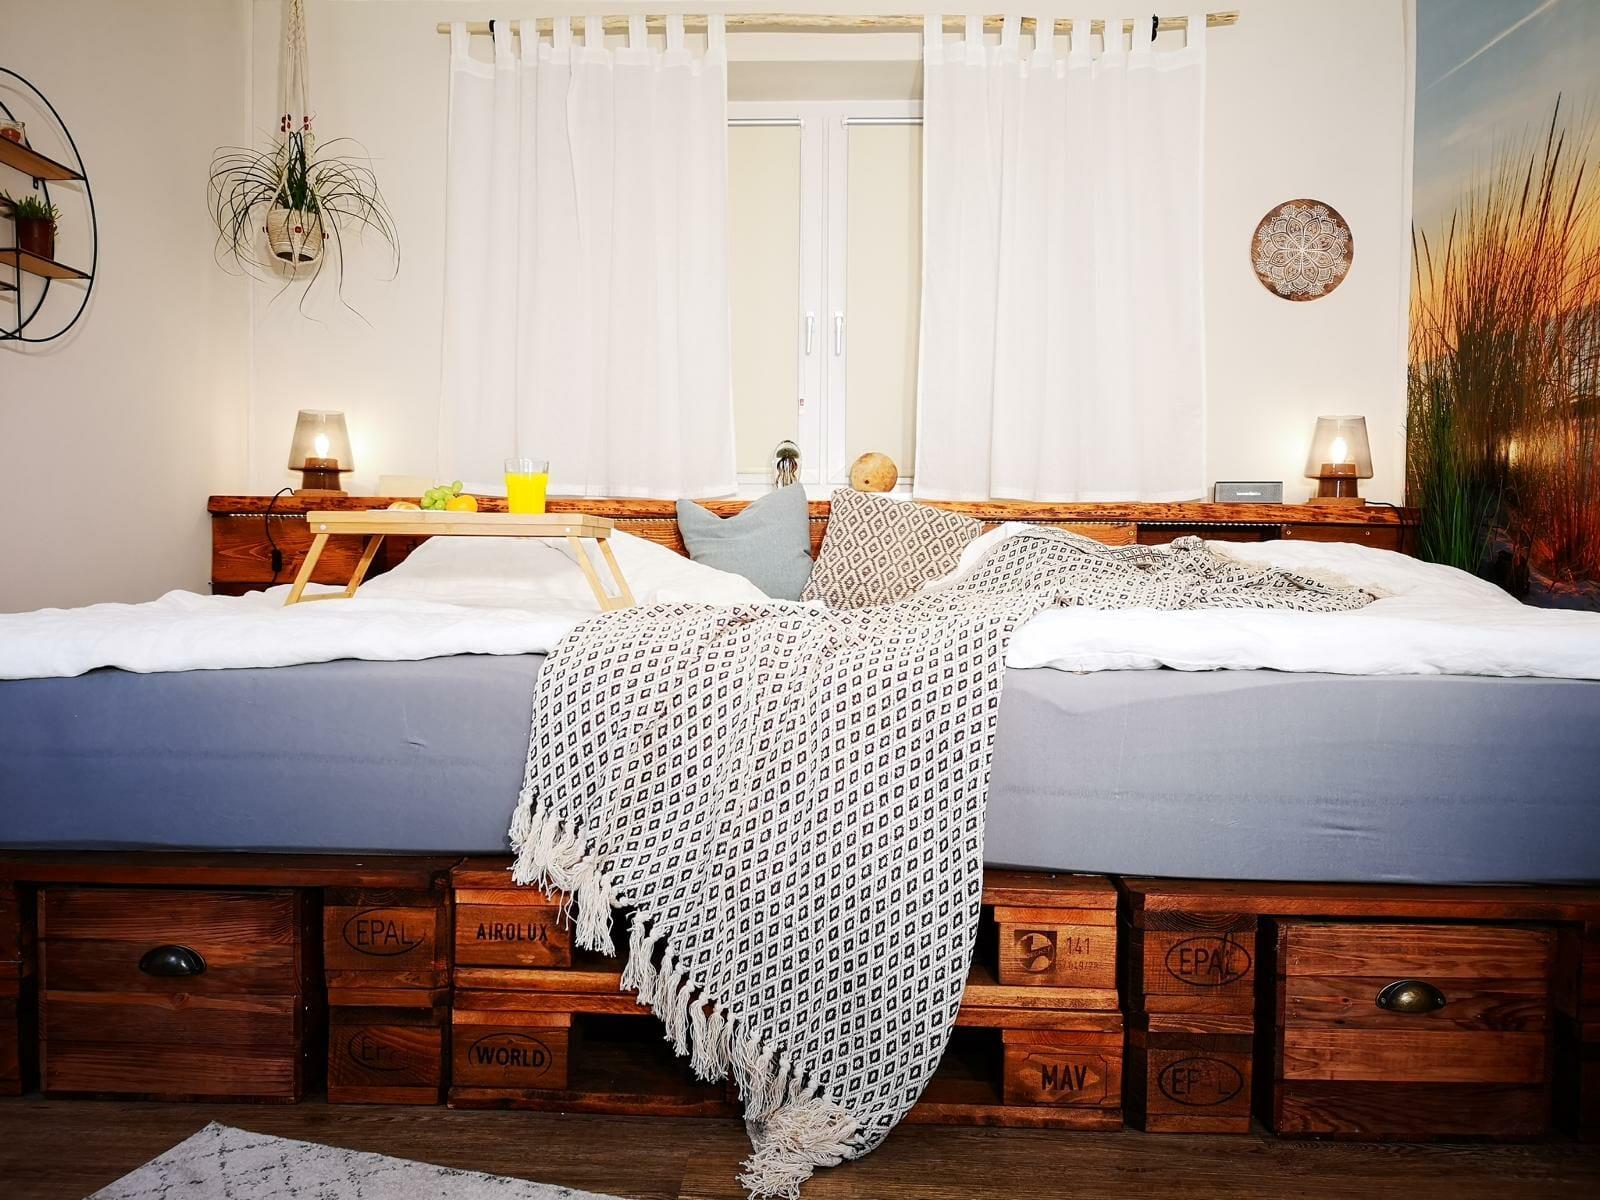 Full Size of Palettenbett Selber Bauen Kaufen Europaletten Betten Mit Schubladen Aufbewahrung Hülsta Günstige 160x200 Flexa Französische Bettkasten Aus Holz Schlafzimmer Bett Günstige Betten